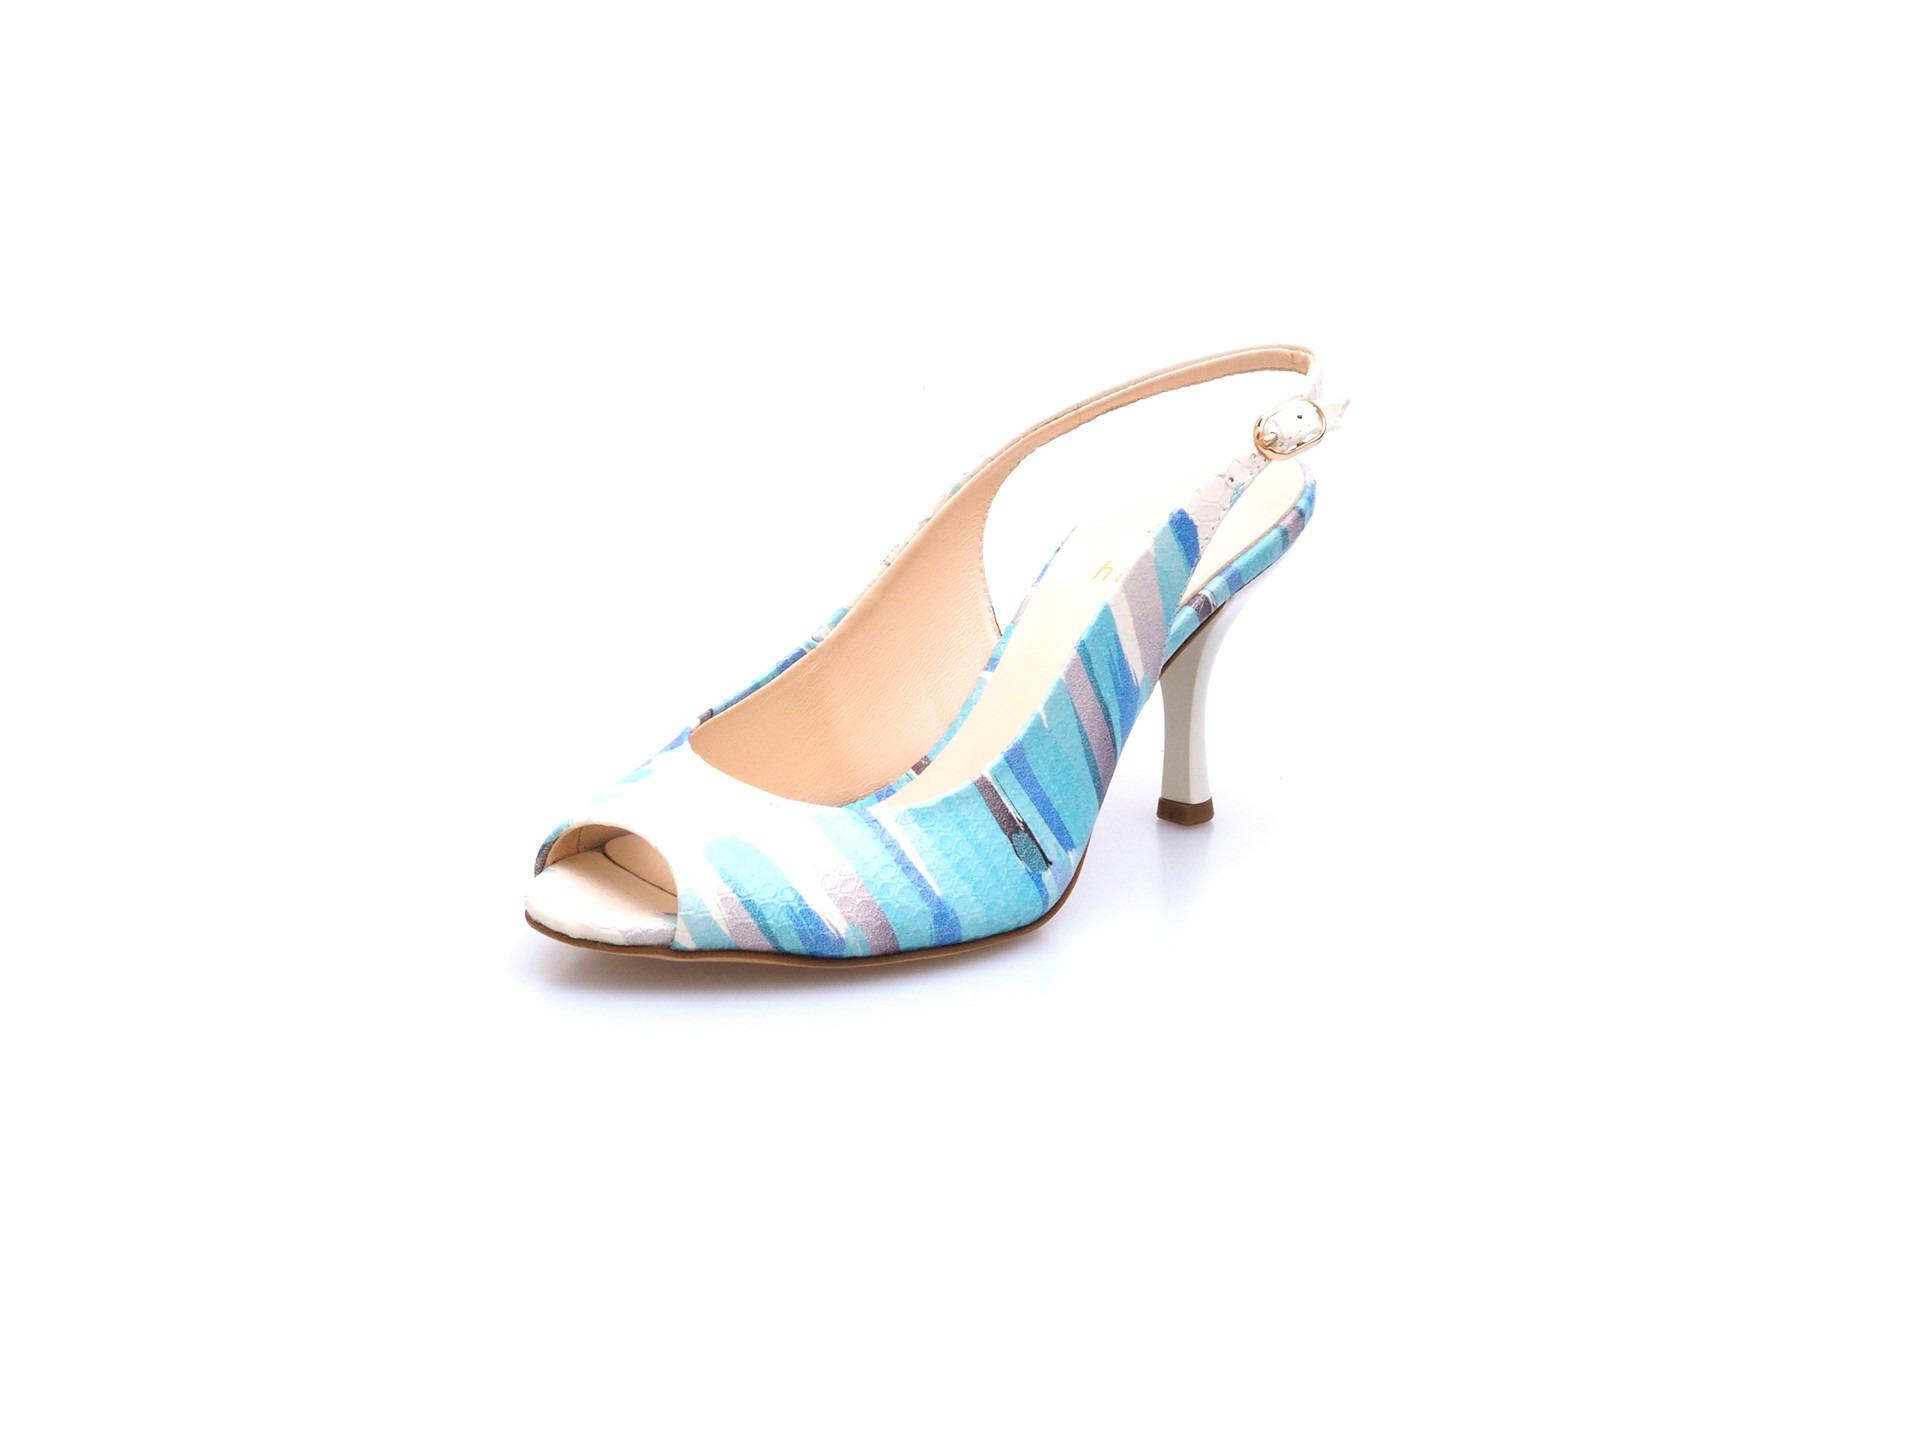 714640f883f Soňa - Dámska obuv - Sandále - Bielo-modré kožené sandále Högl